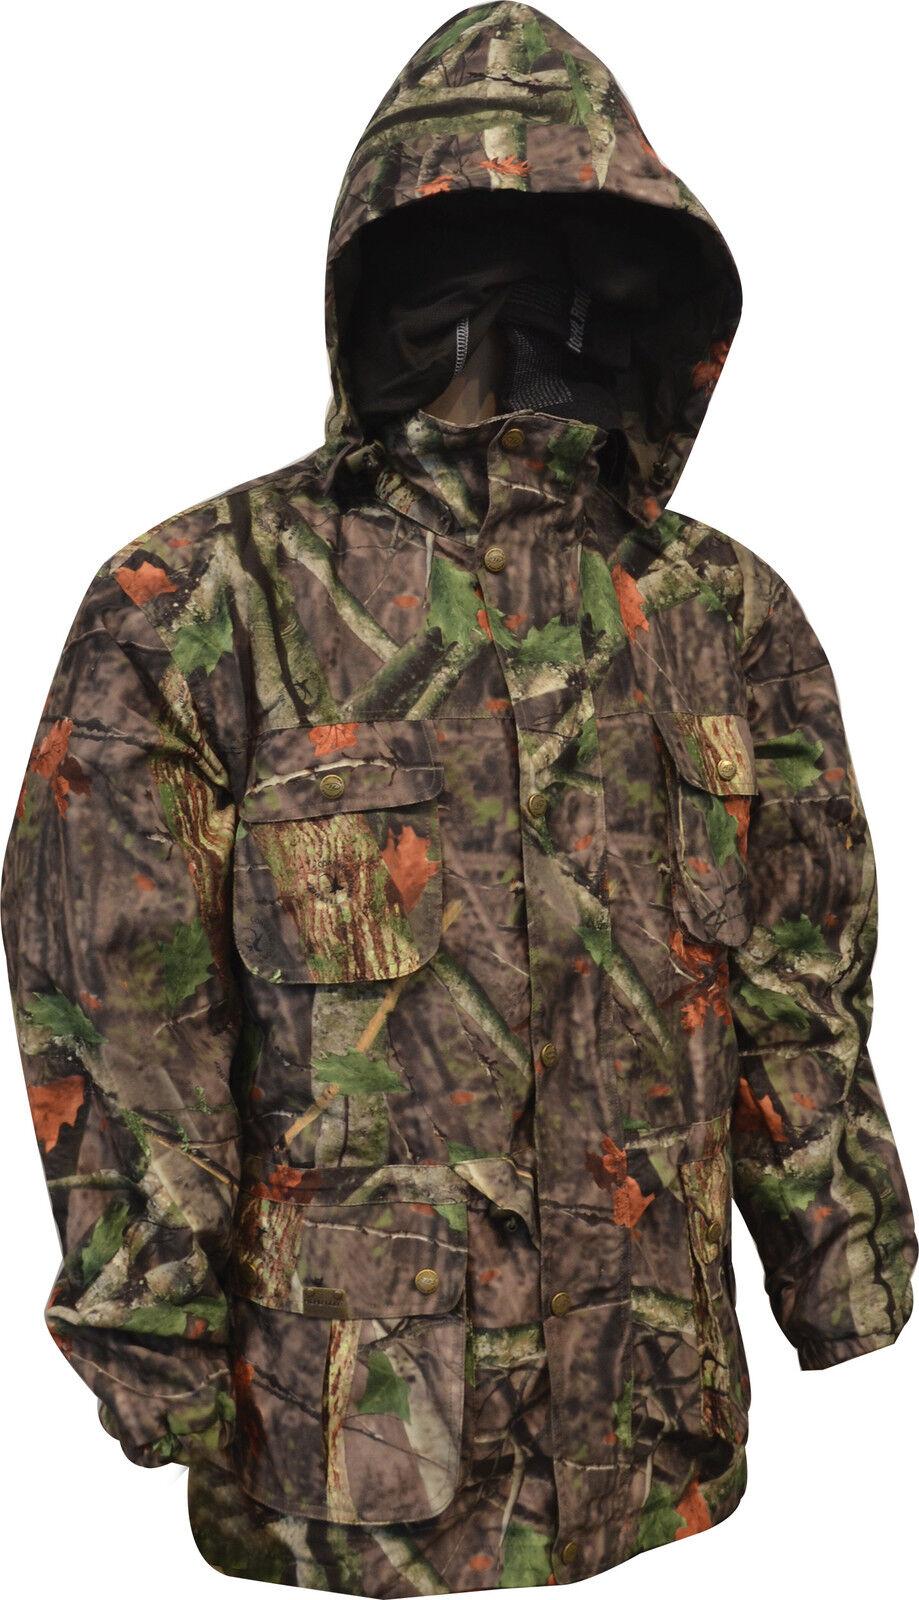 Nuevo árbol profunda rexmoor chaqueta de alta  calidad ab-tex, transpirable, Caza, Tiro,  cómodo